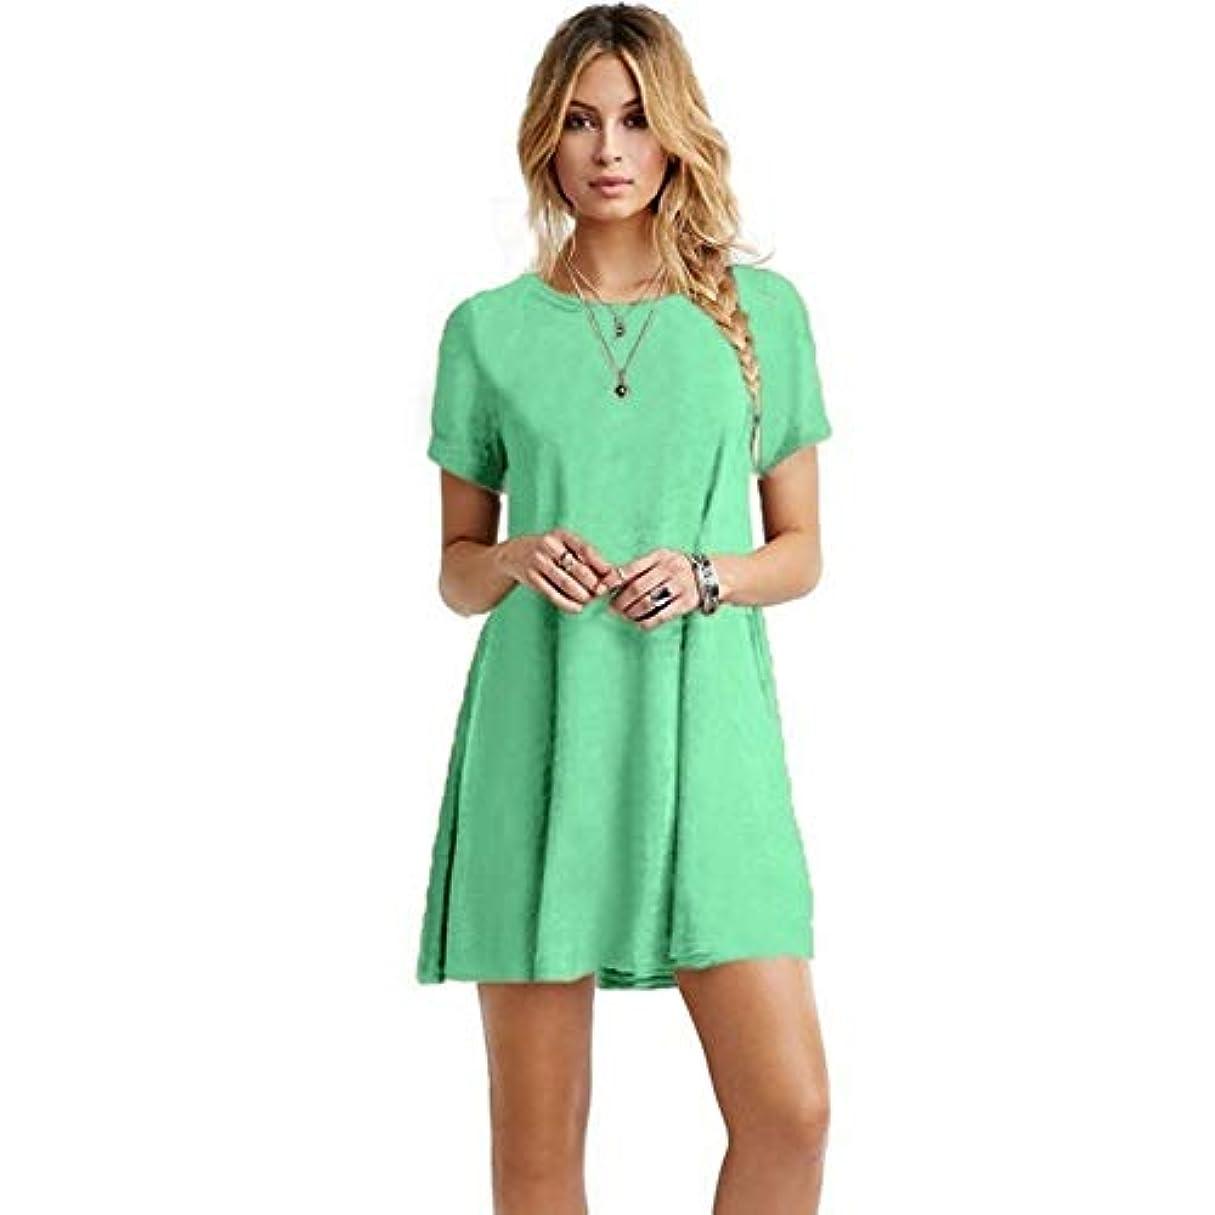 厳しい特性販売計画MIFAN の女性のドレスカジュアルな不規則なドレスルースサマービーチTシャツドレス